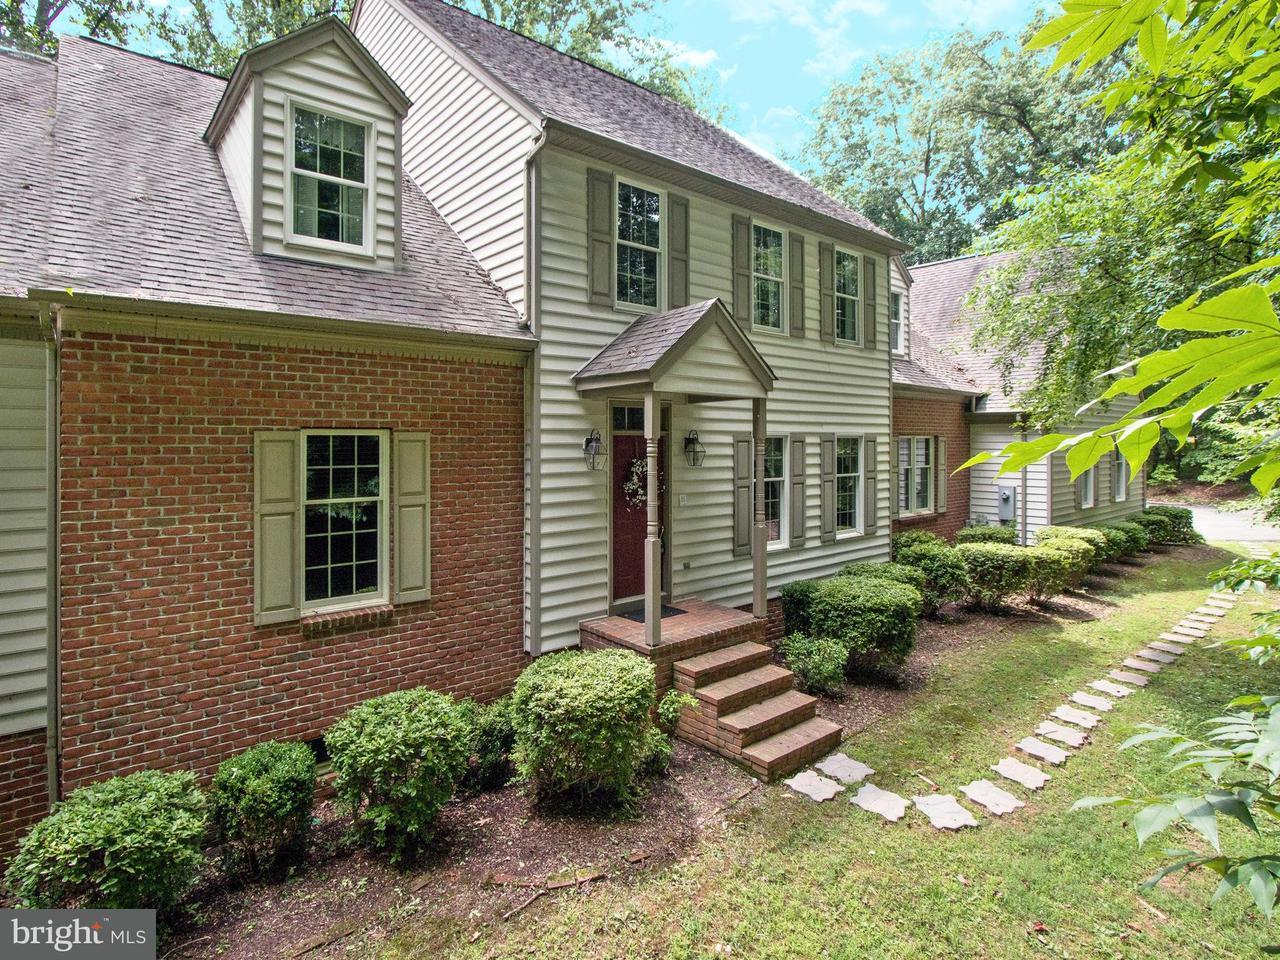 一戸建て のために 売買 アット 1815 MIDSUMMER Lane 1815 MIDSUMMER Lane Jarrettsville, メリーランド 21084 アメリカ合衆国